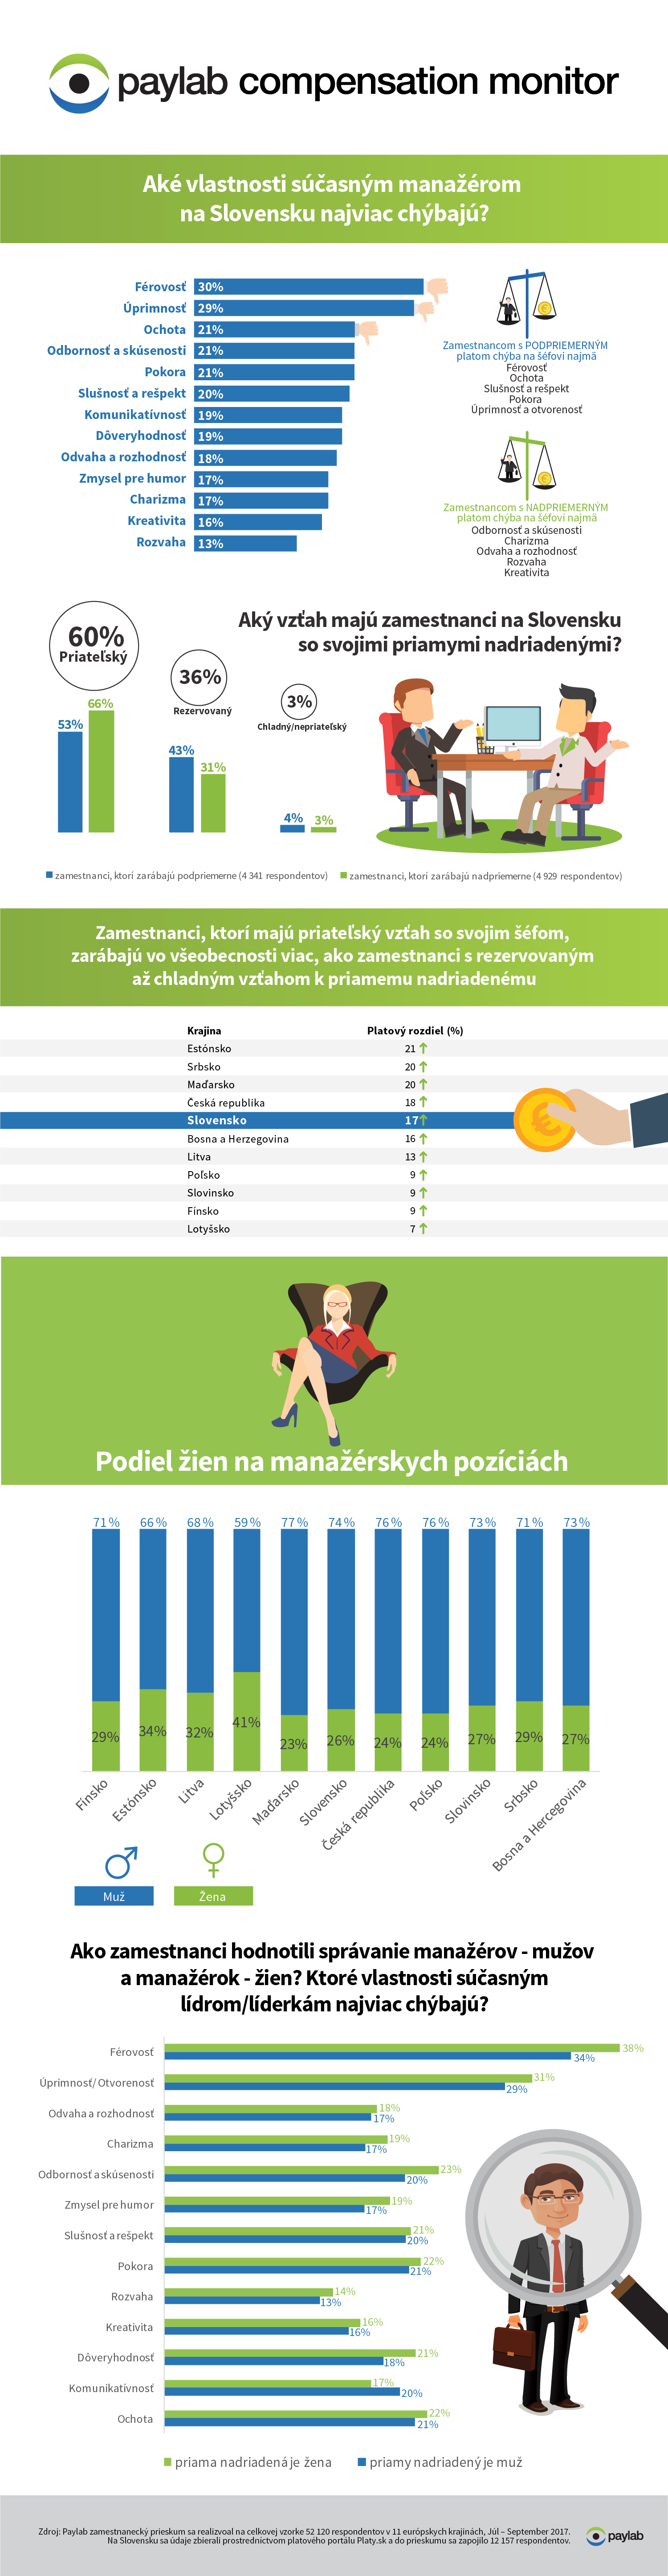 Platy_Paylab_compensation_monitor_lider_sef_hodnotenie_zamestnancov